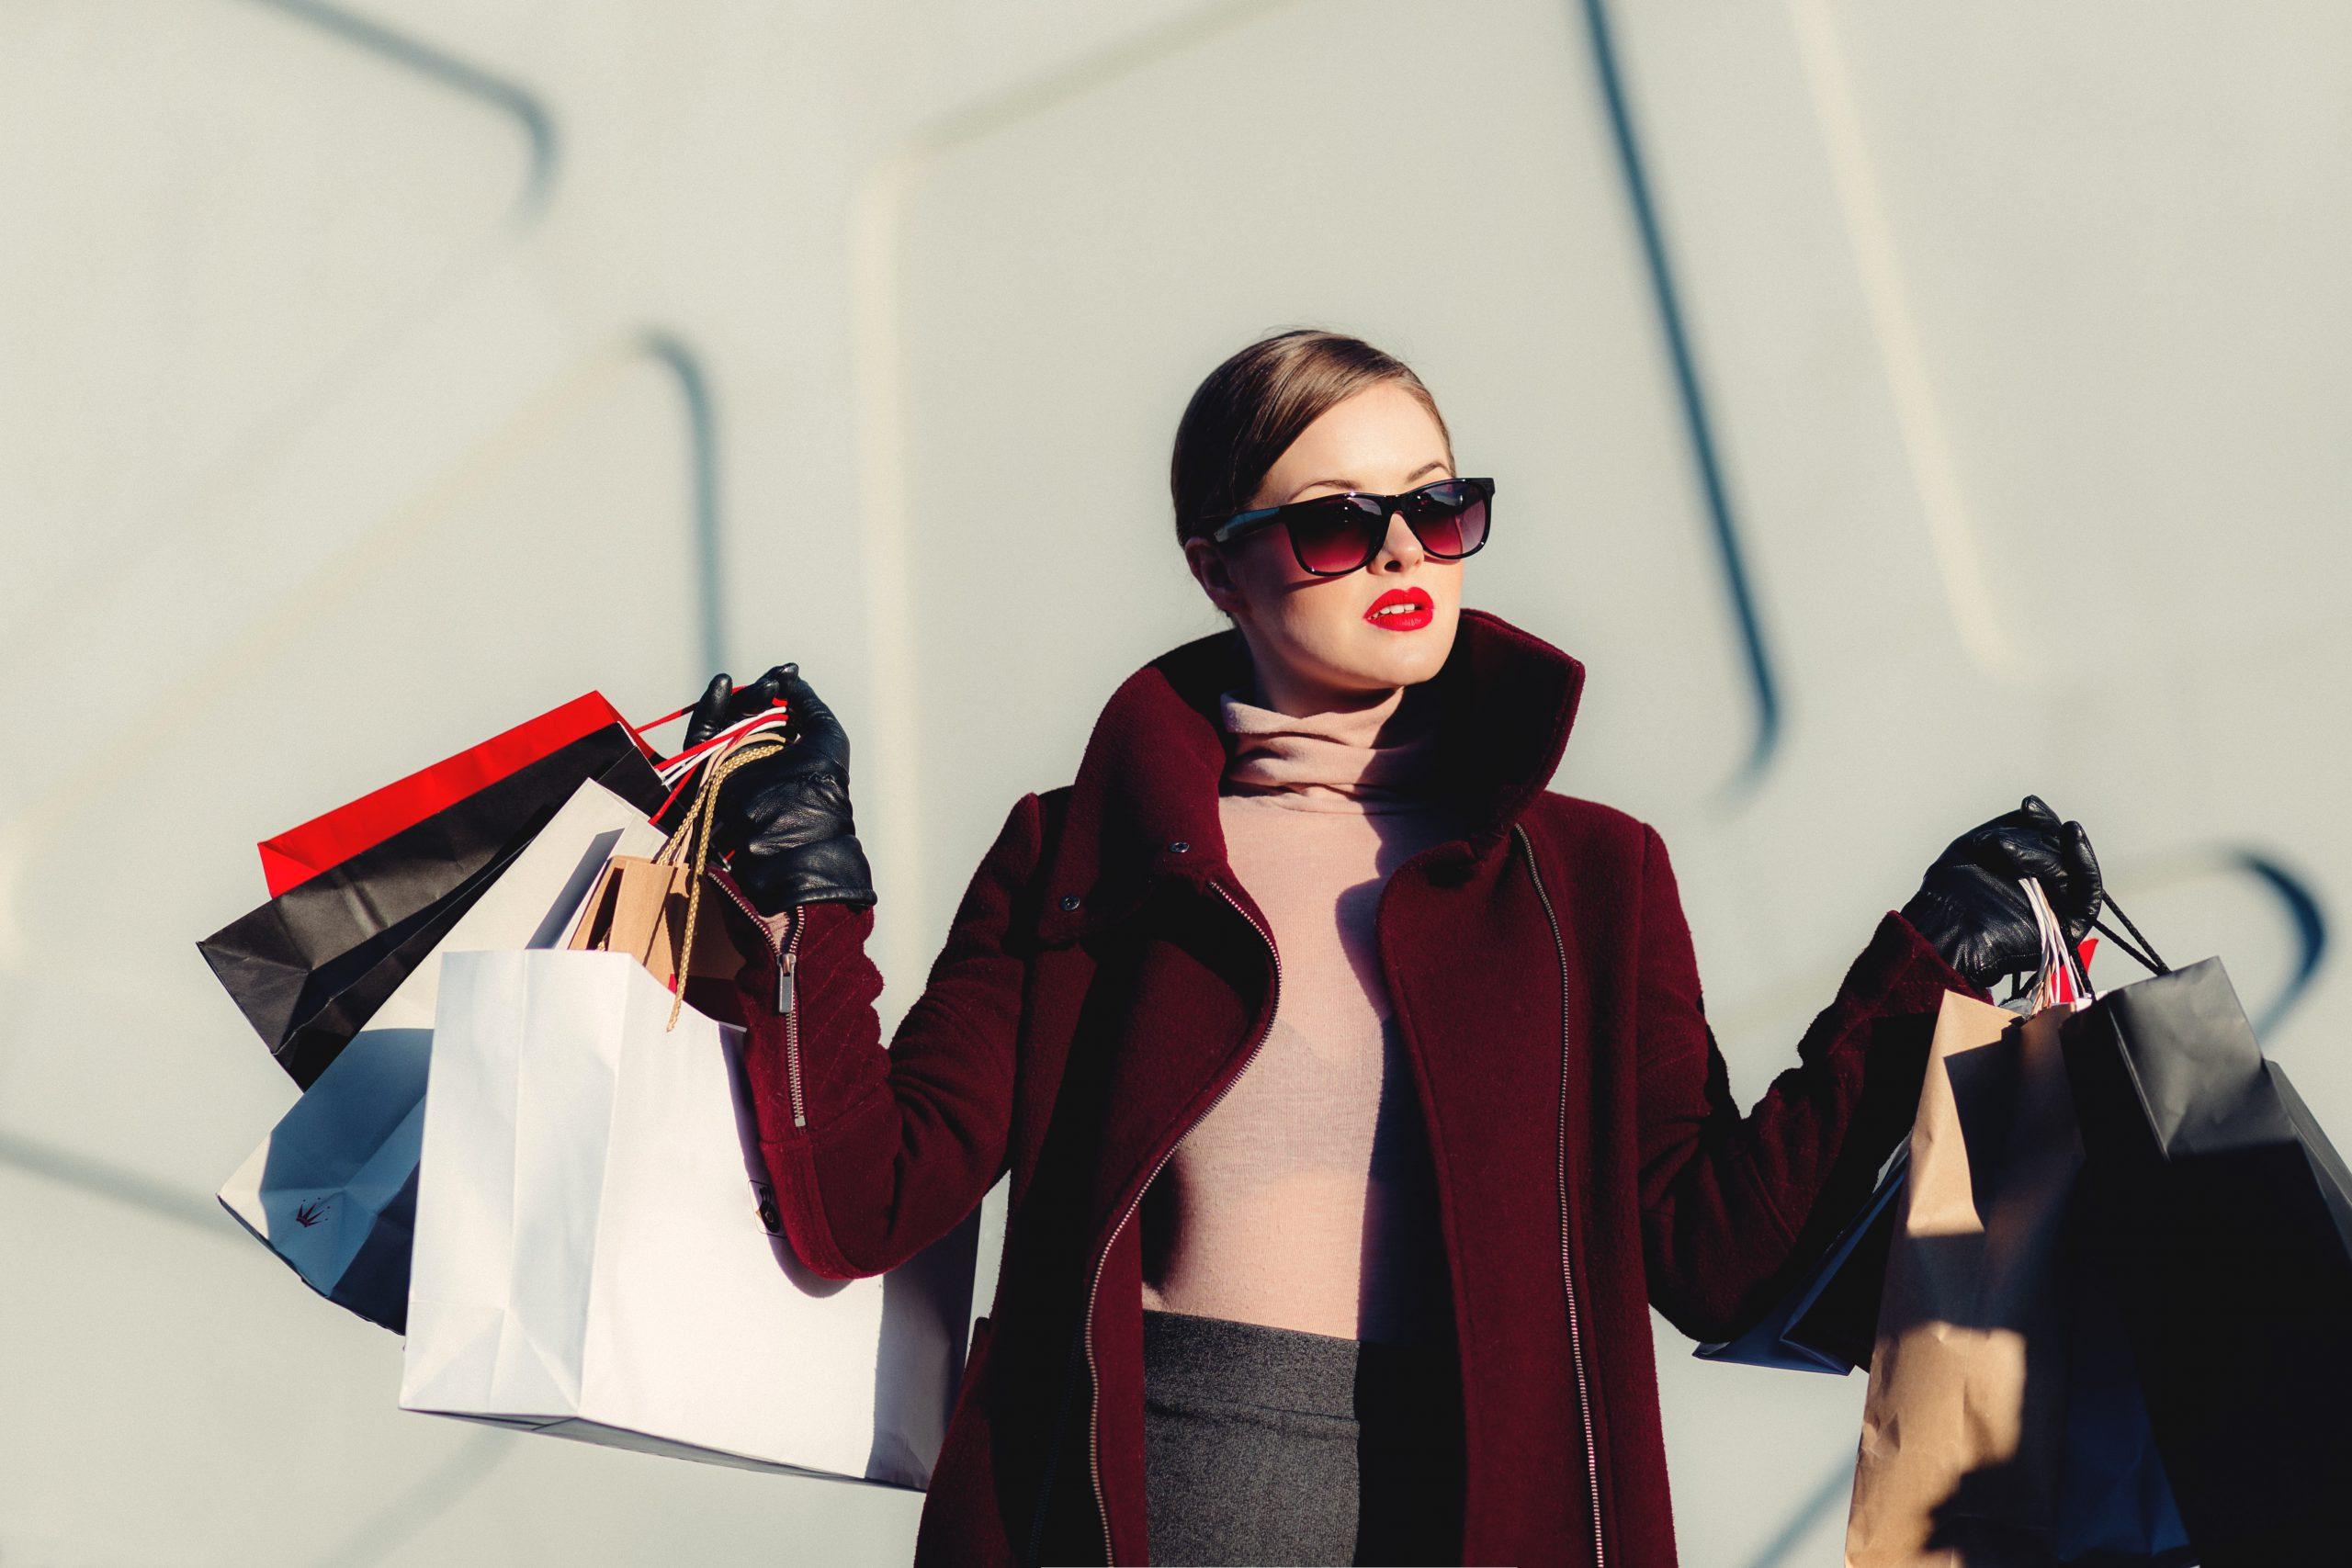 Moda damska – ekskluzywne marki czy odzież używana?